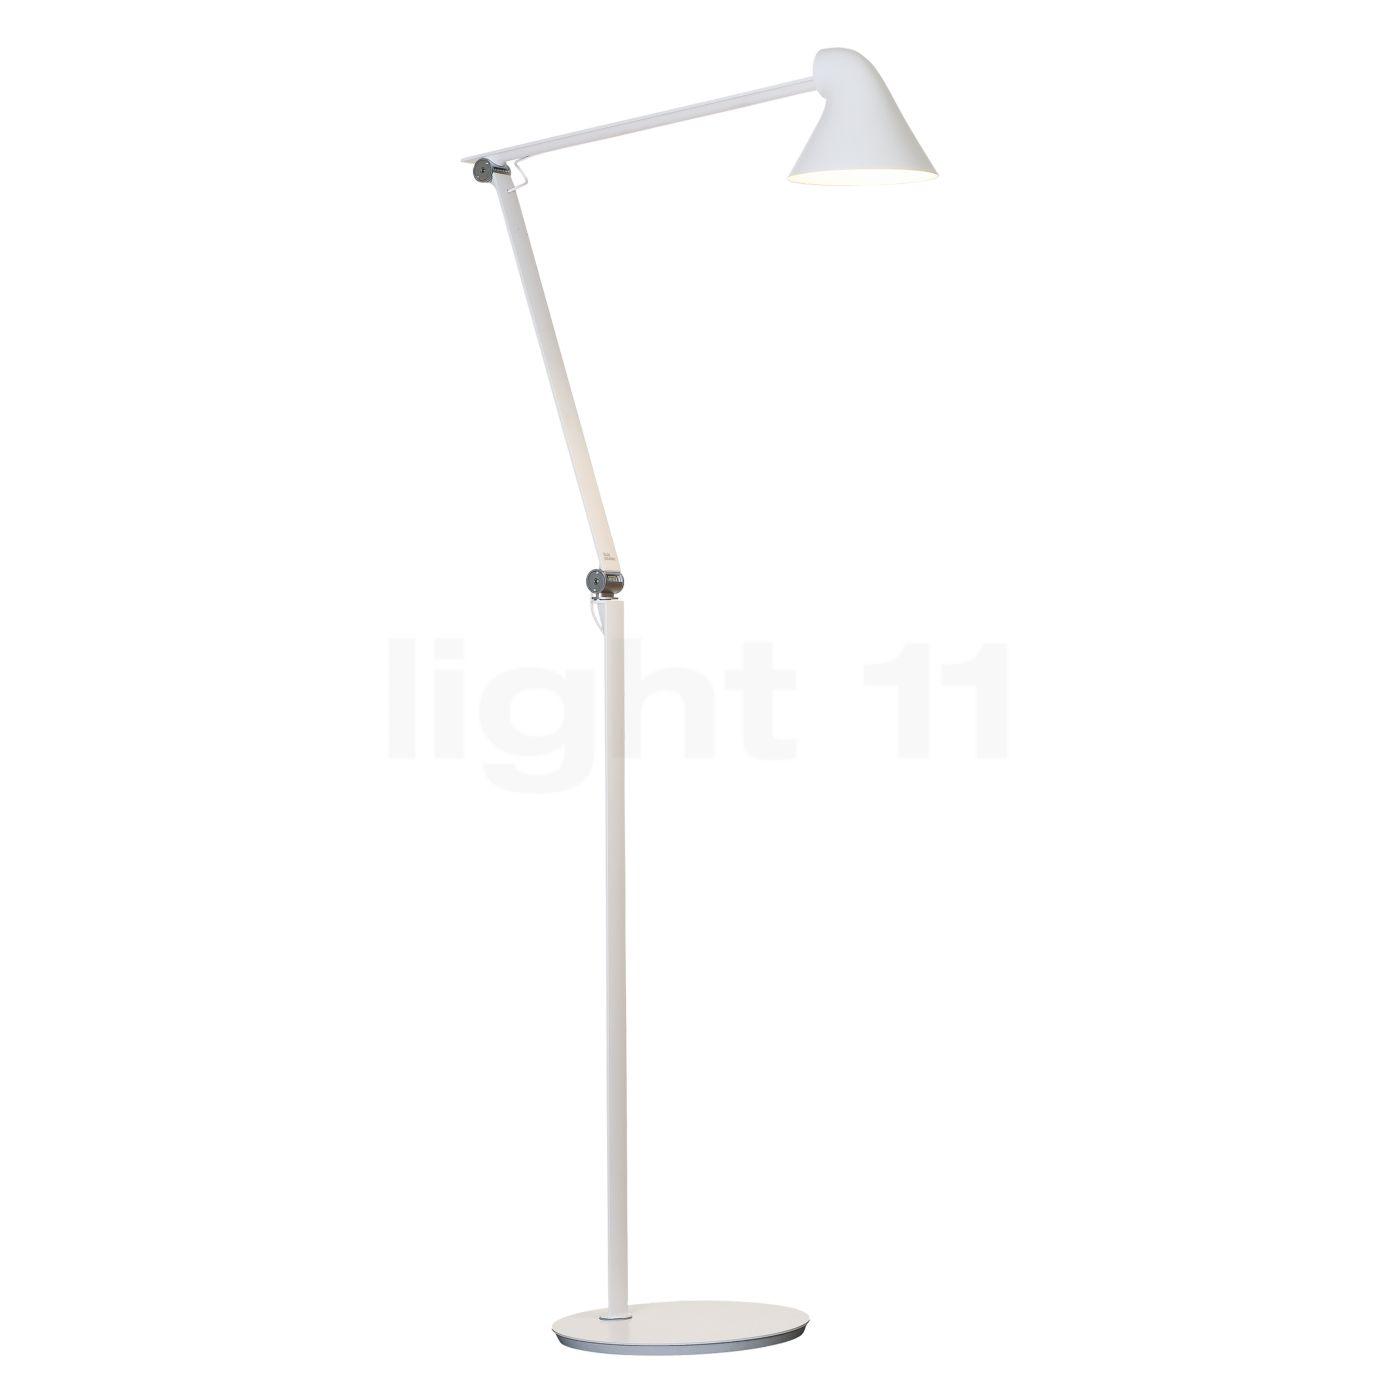 Louis Poulsen Njp Floor Lamp Floor Lamps Buy At Light11 Eu